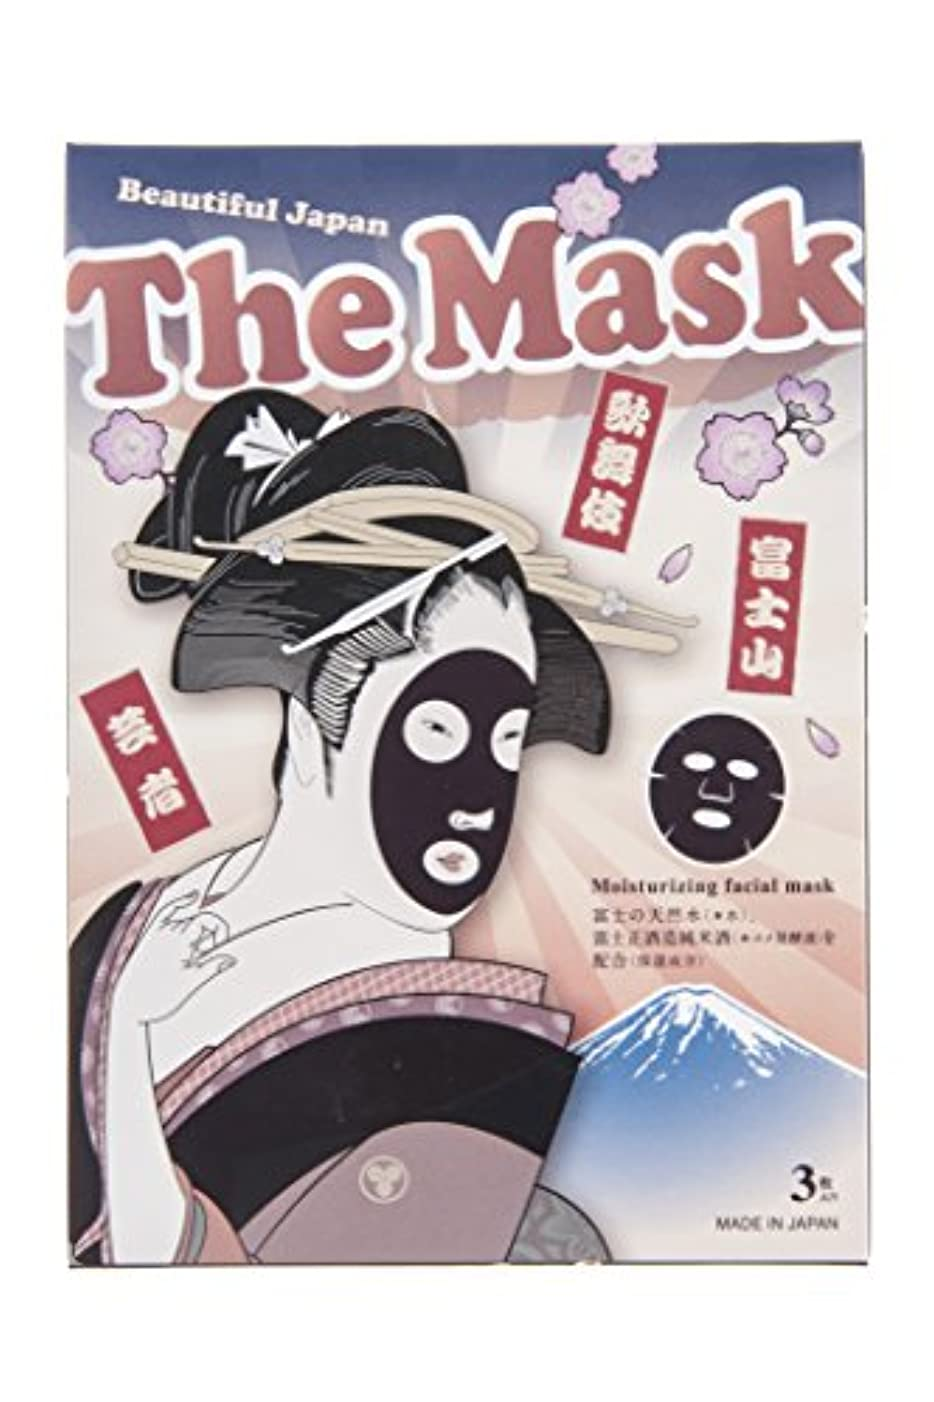 収穫架空の黒板富士山フェイシャルマスク